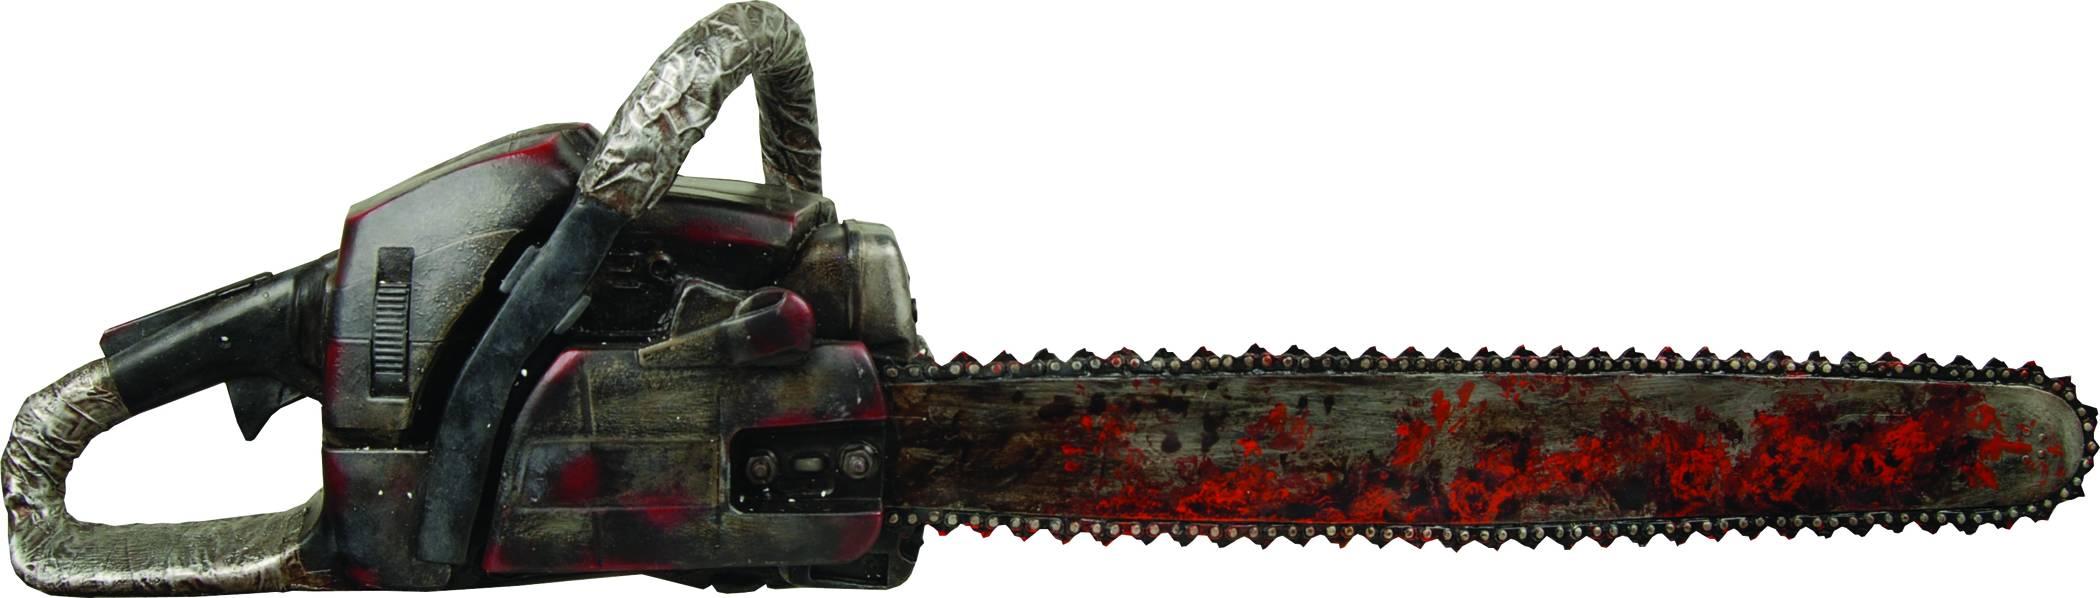 Andrew Ramirez Texas-chainsaw-replica